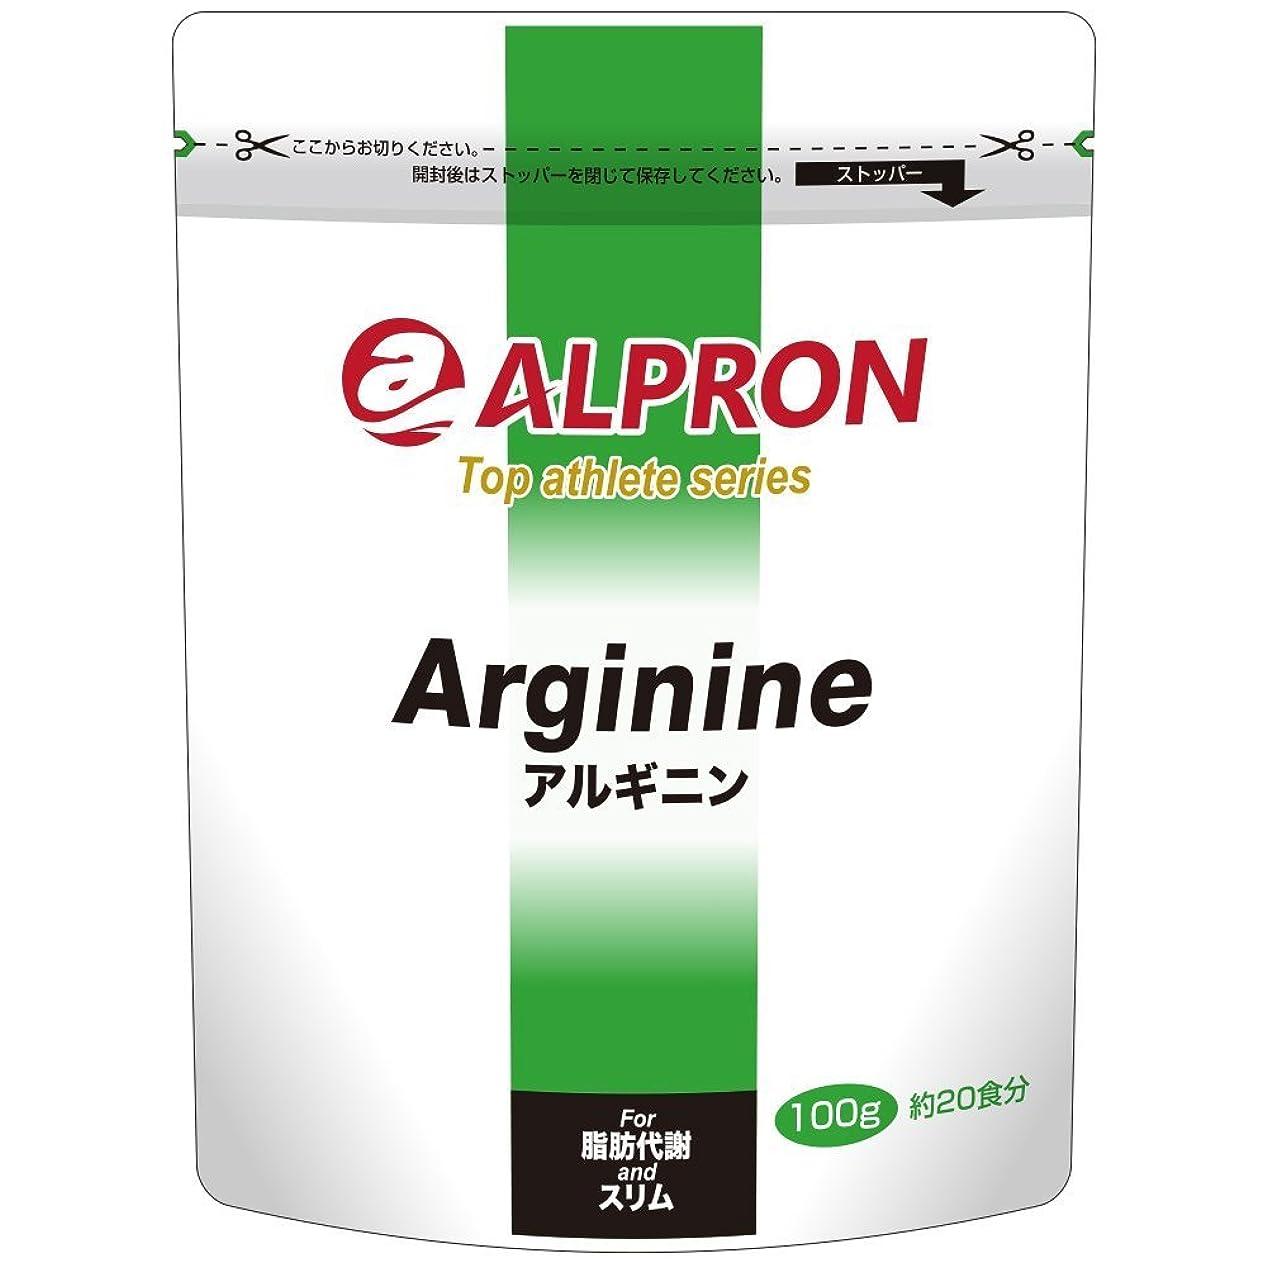 不快お酒エンジンアルプロン -ALPRON- アルギニン(100g)